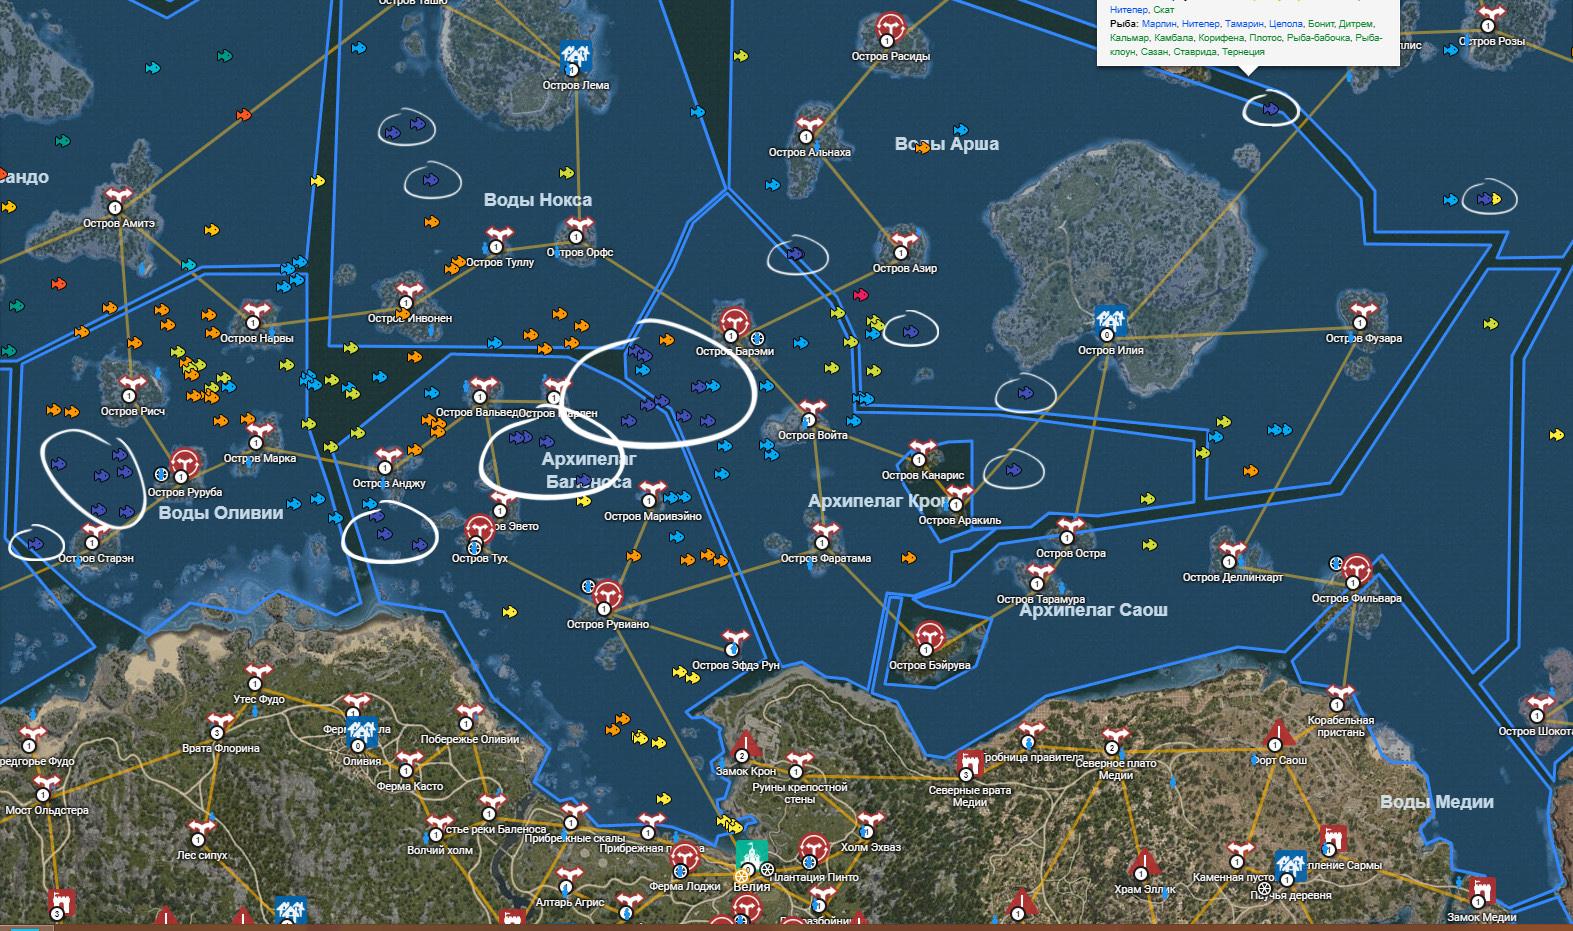 Косяки морского карася на карте BDO